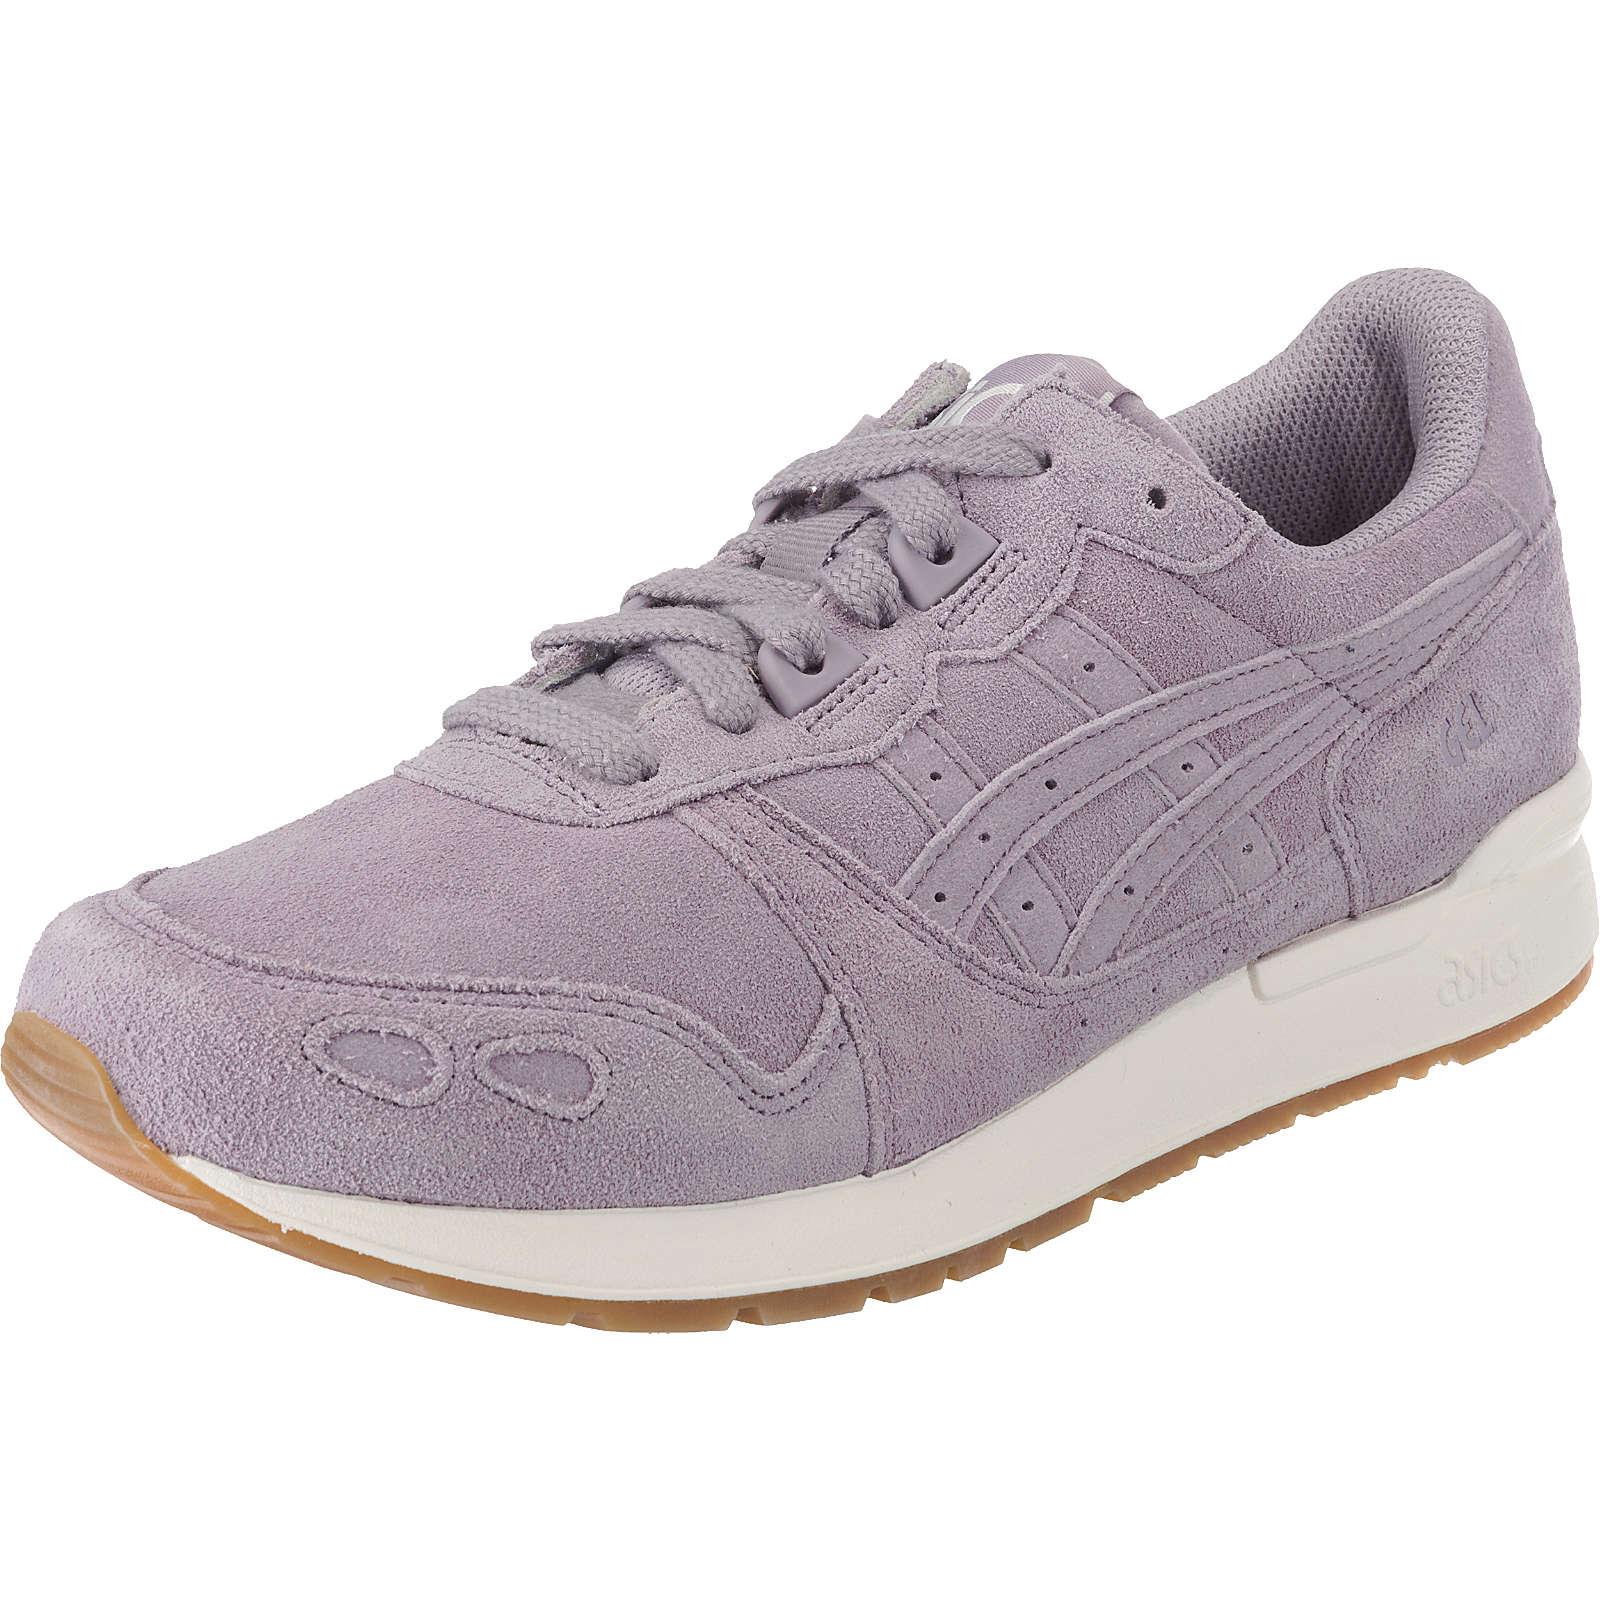 ASICS Tiger Gel-Lyte Sneakers Low flieder Damen Gr. 41,5